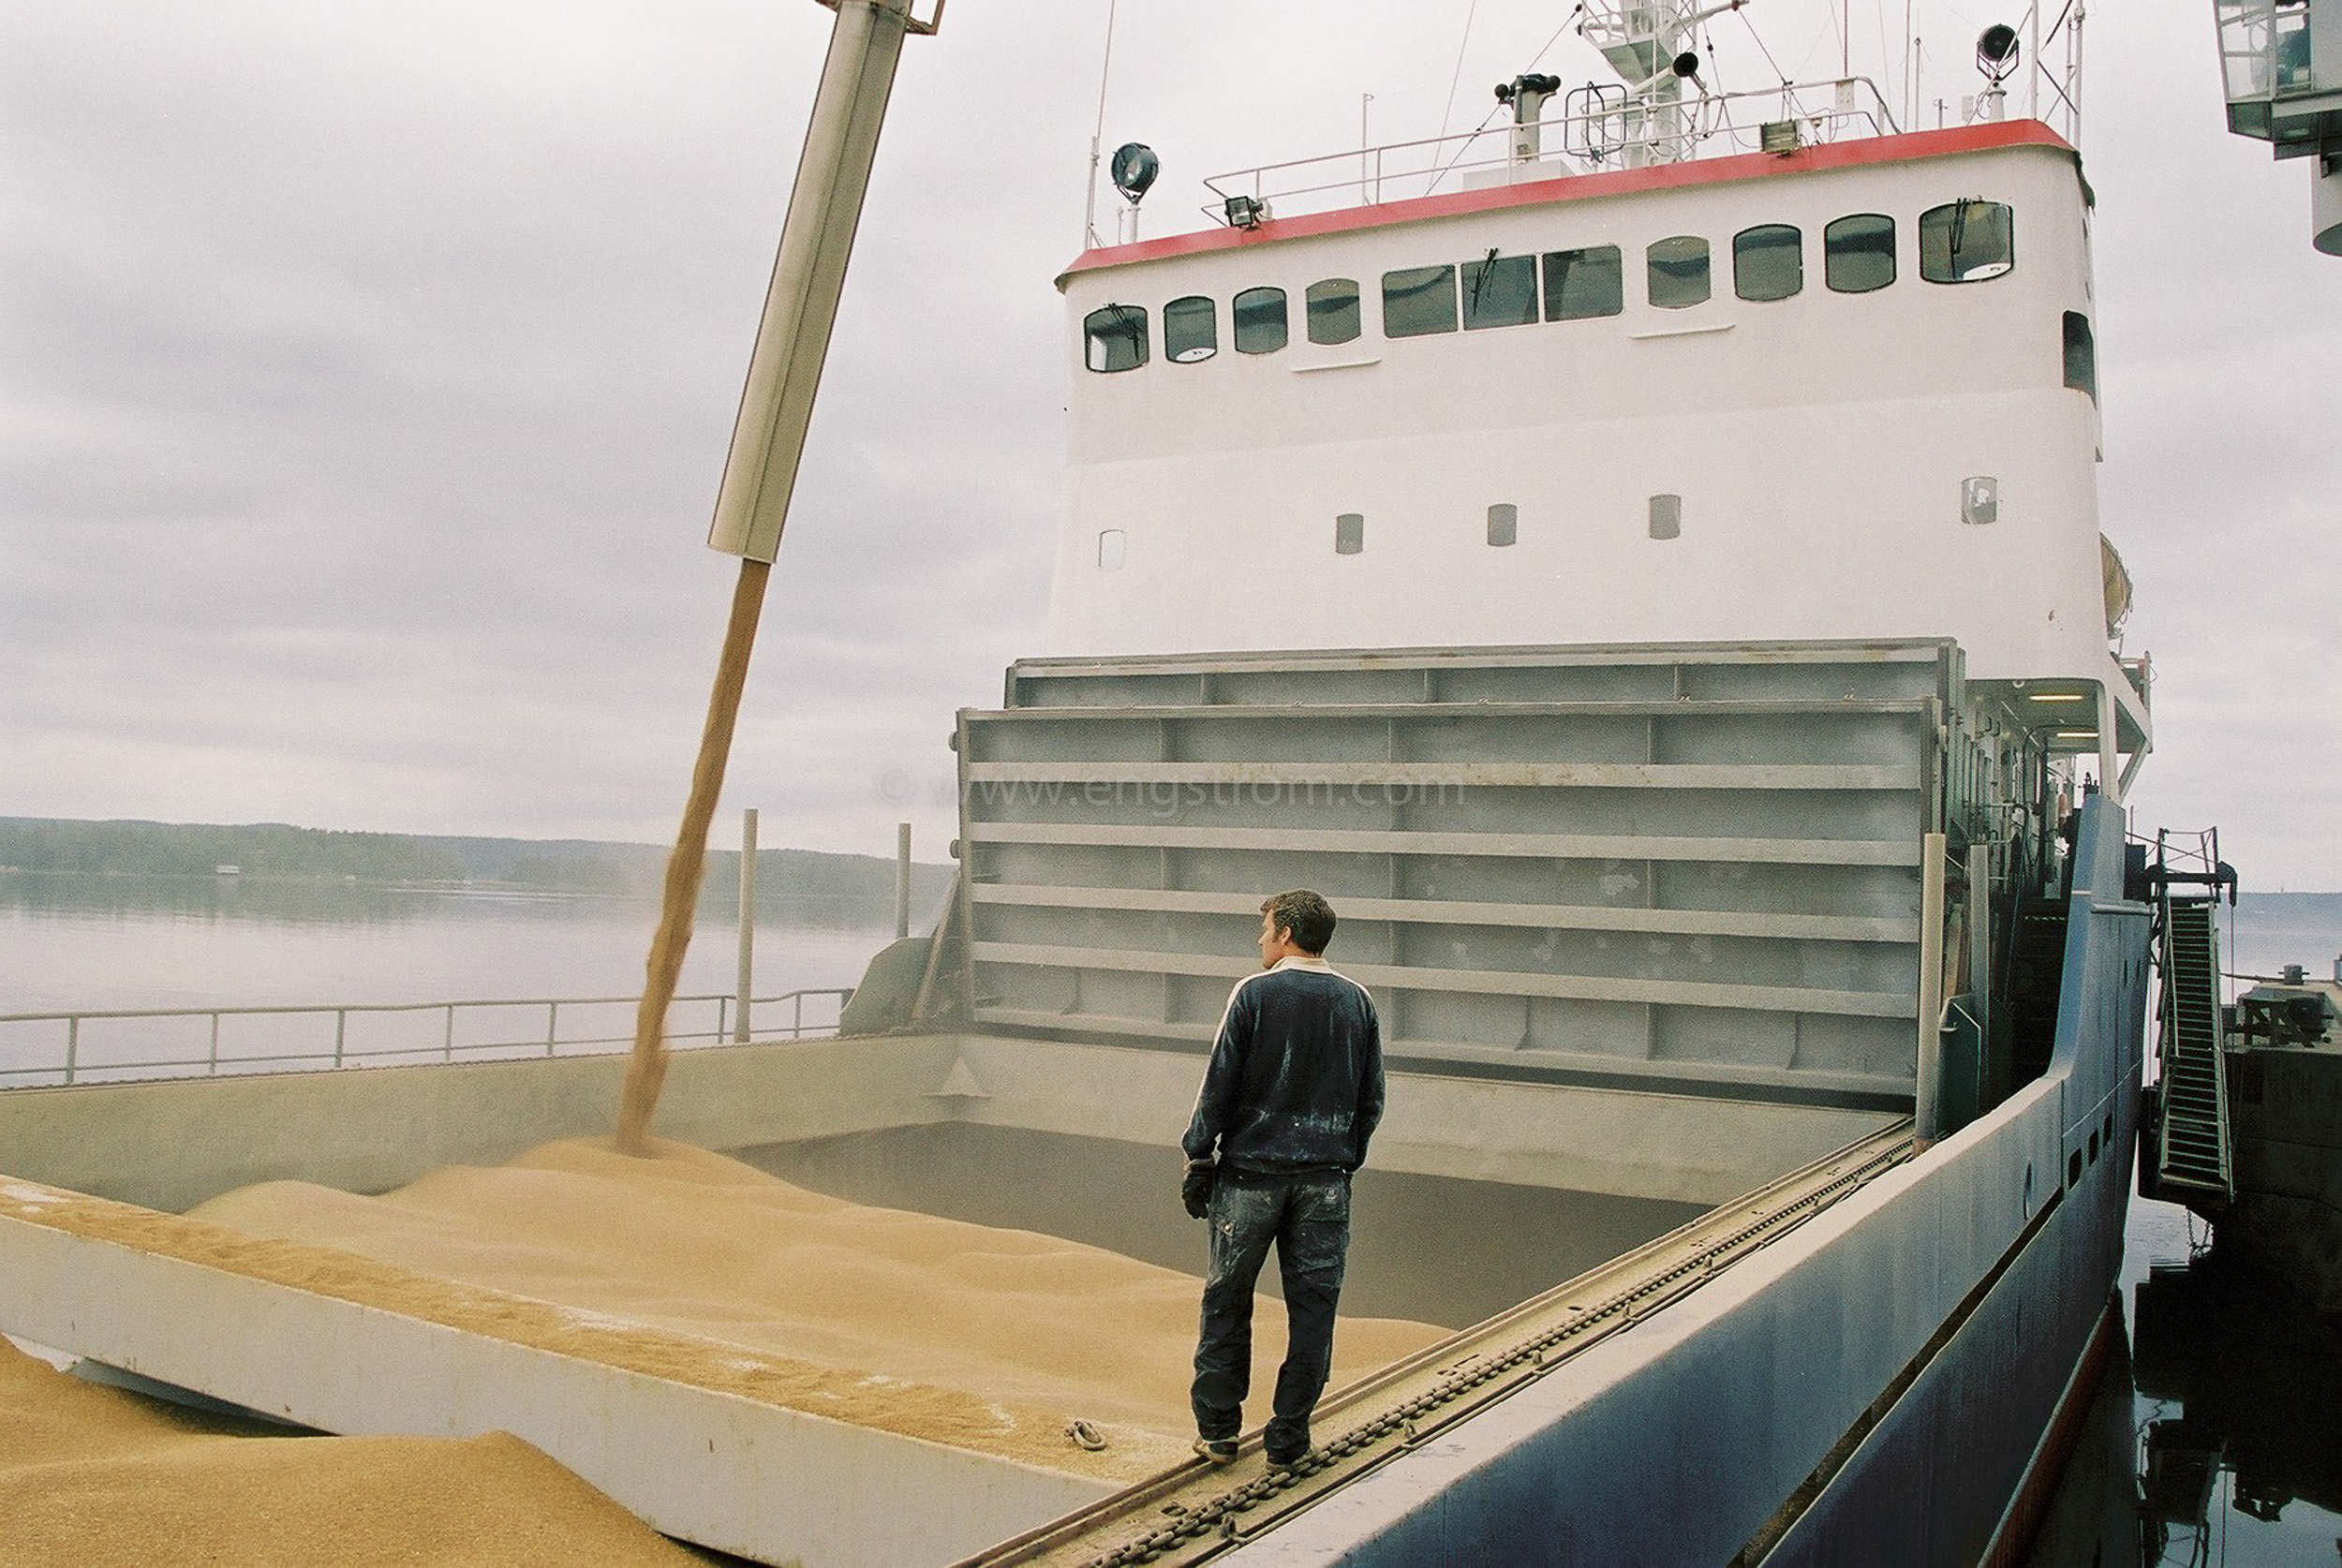 JE0105_07, Lastning av spannmålsbåt. Djurön utanför Norrköping sommaren 2001, Jonas Engström